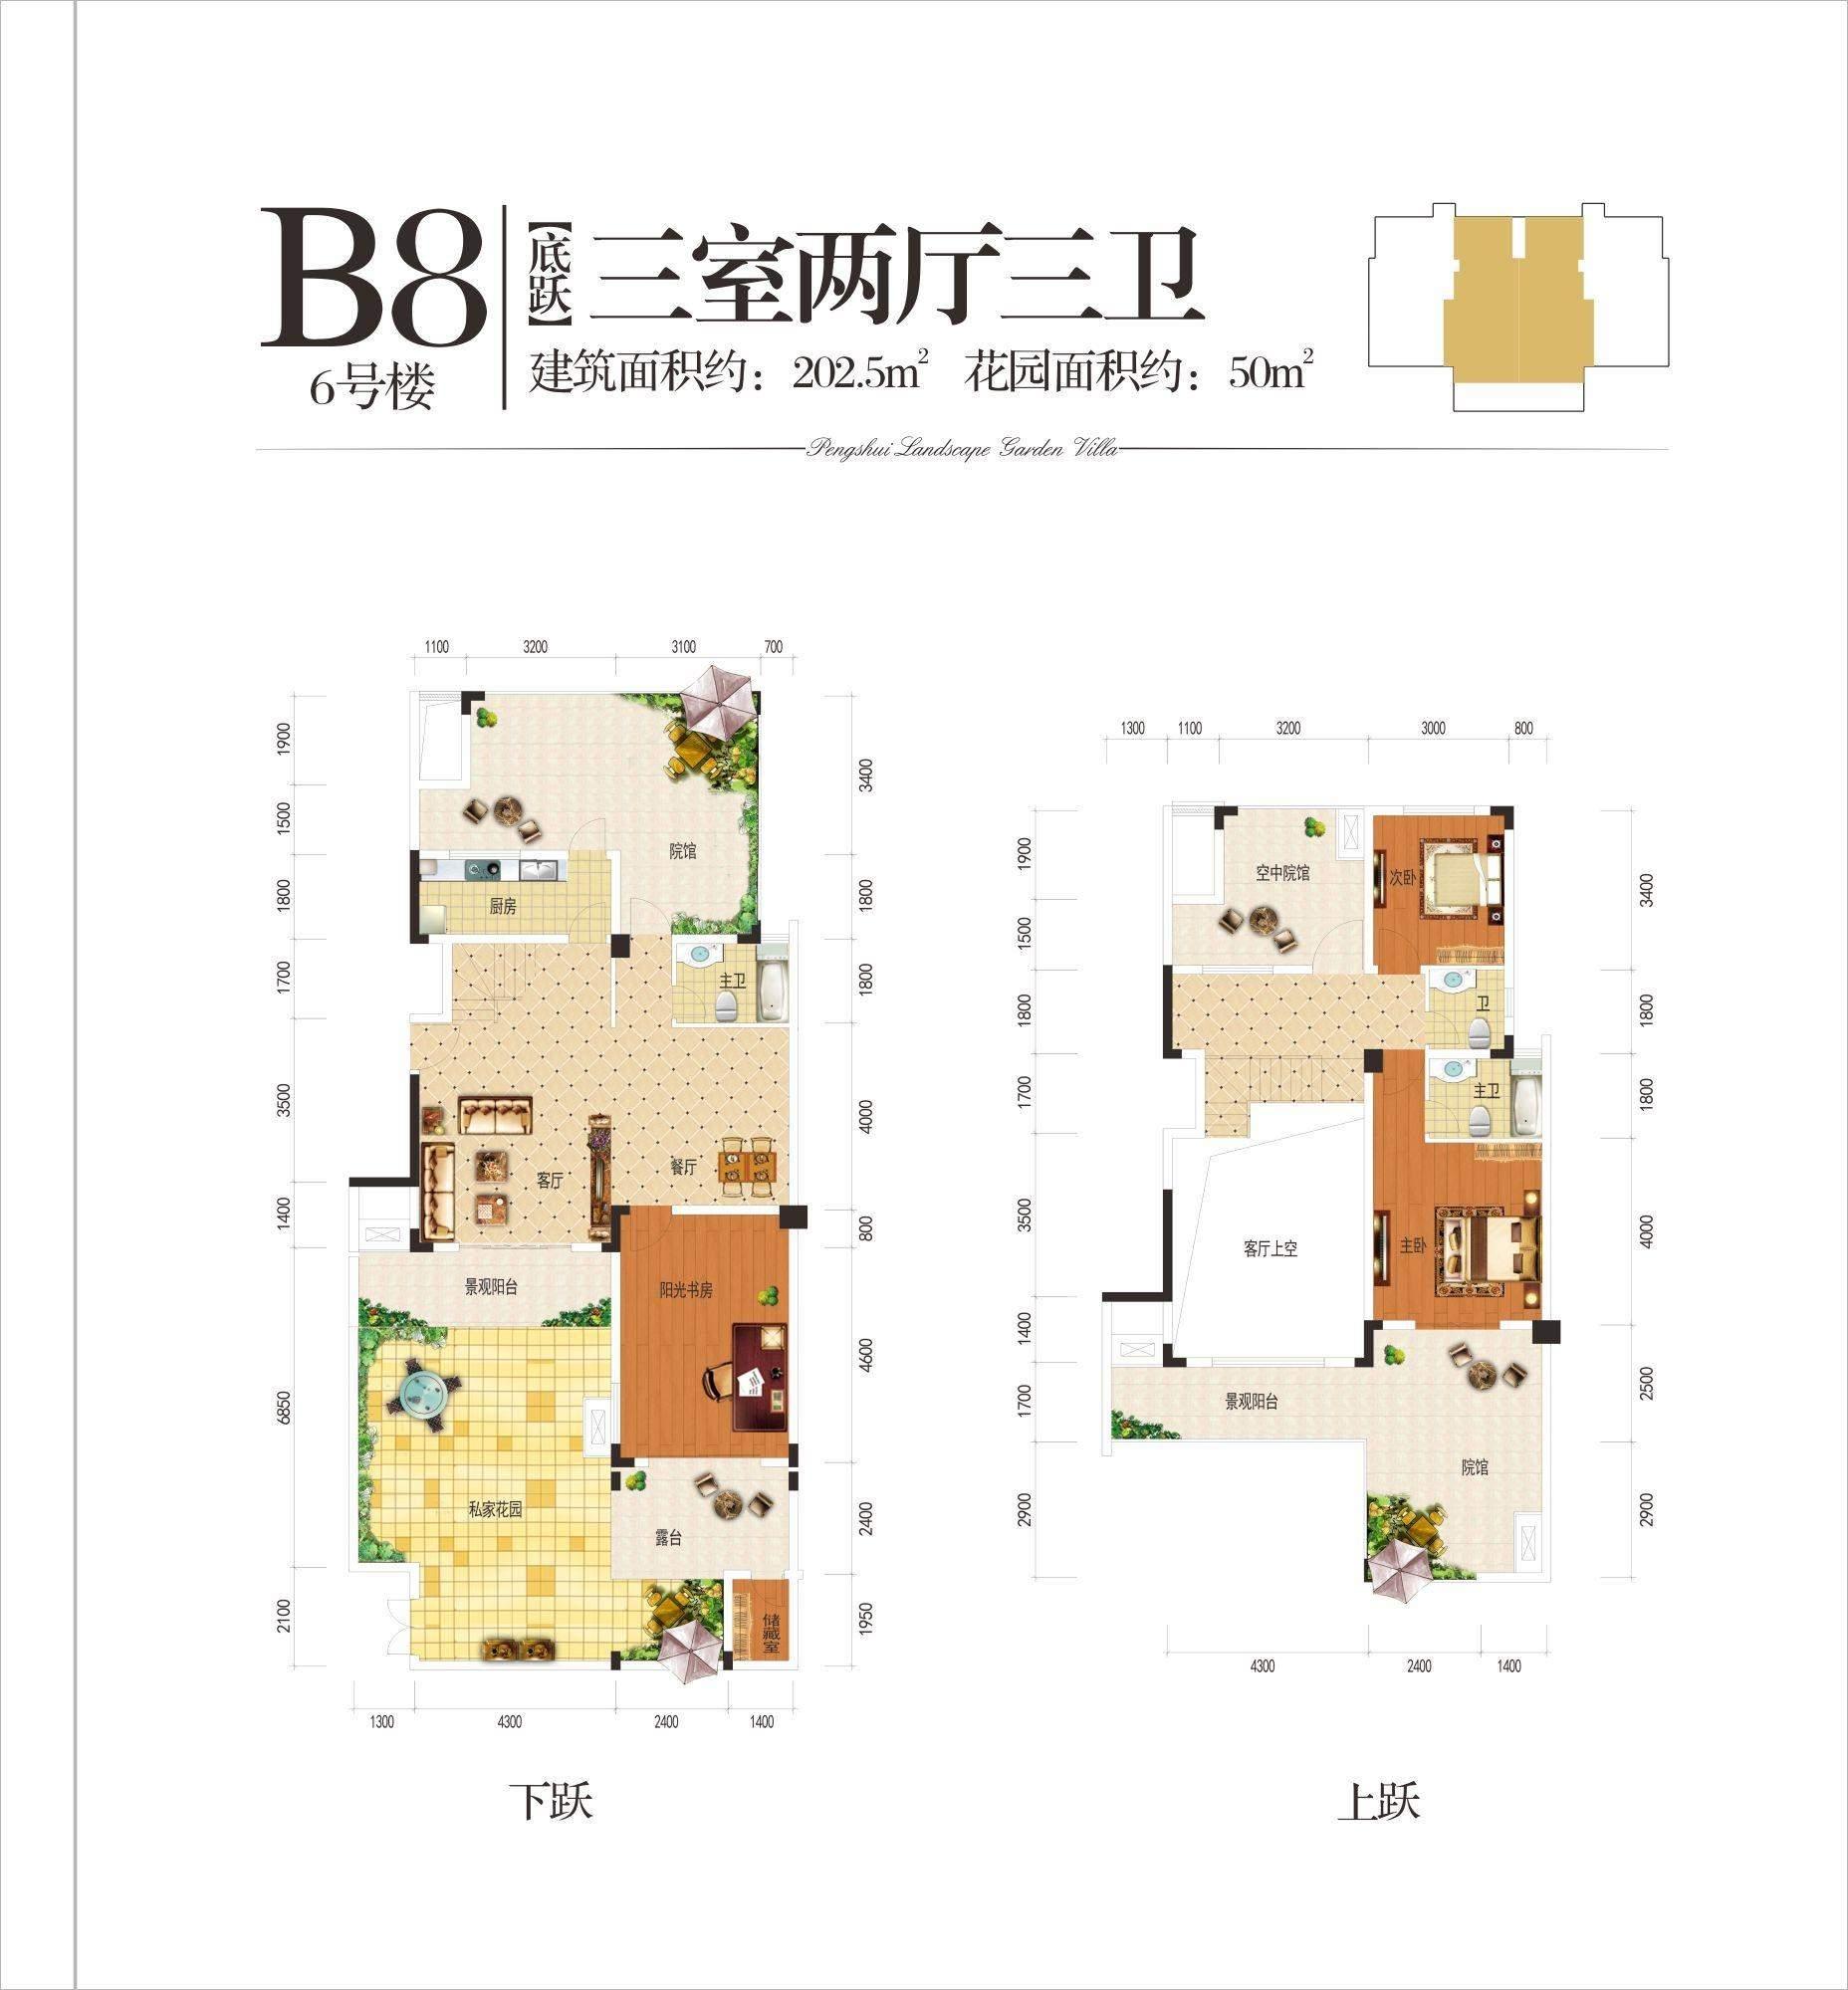 6号楼B8户型